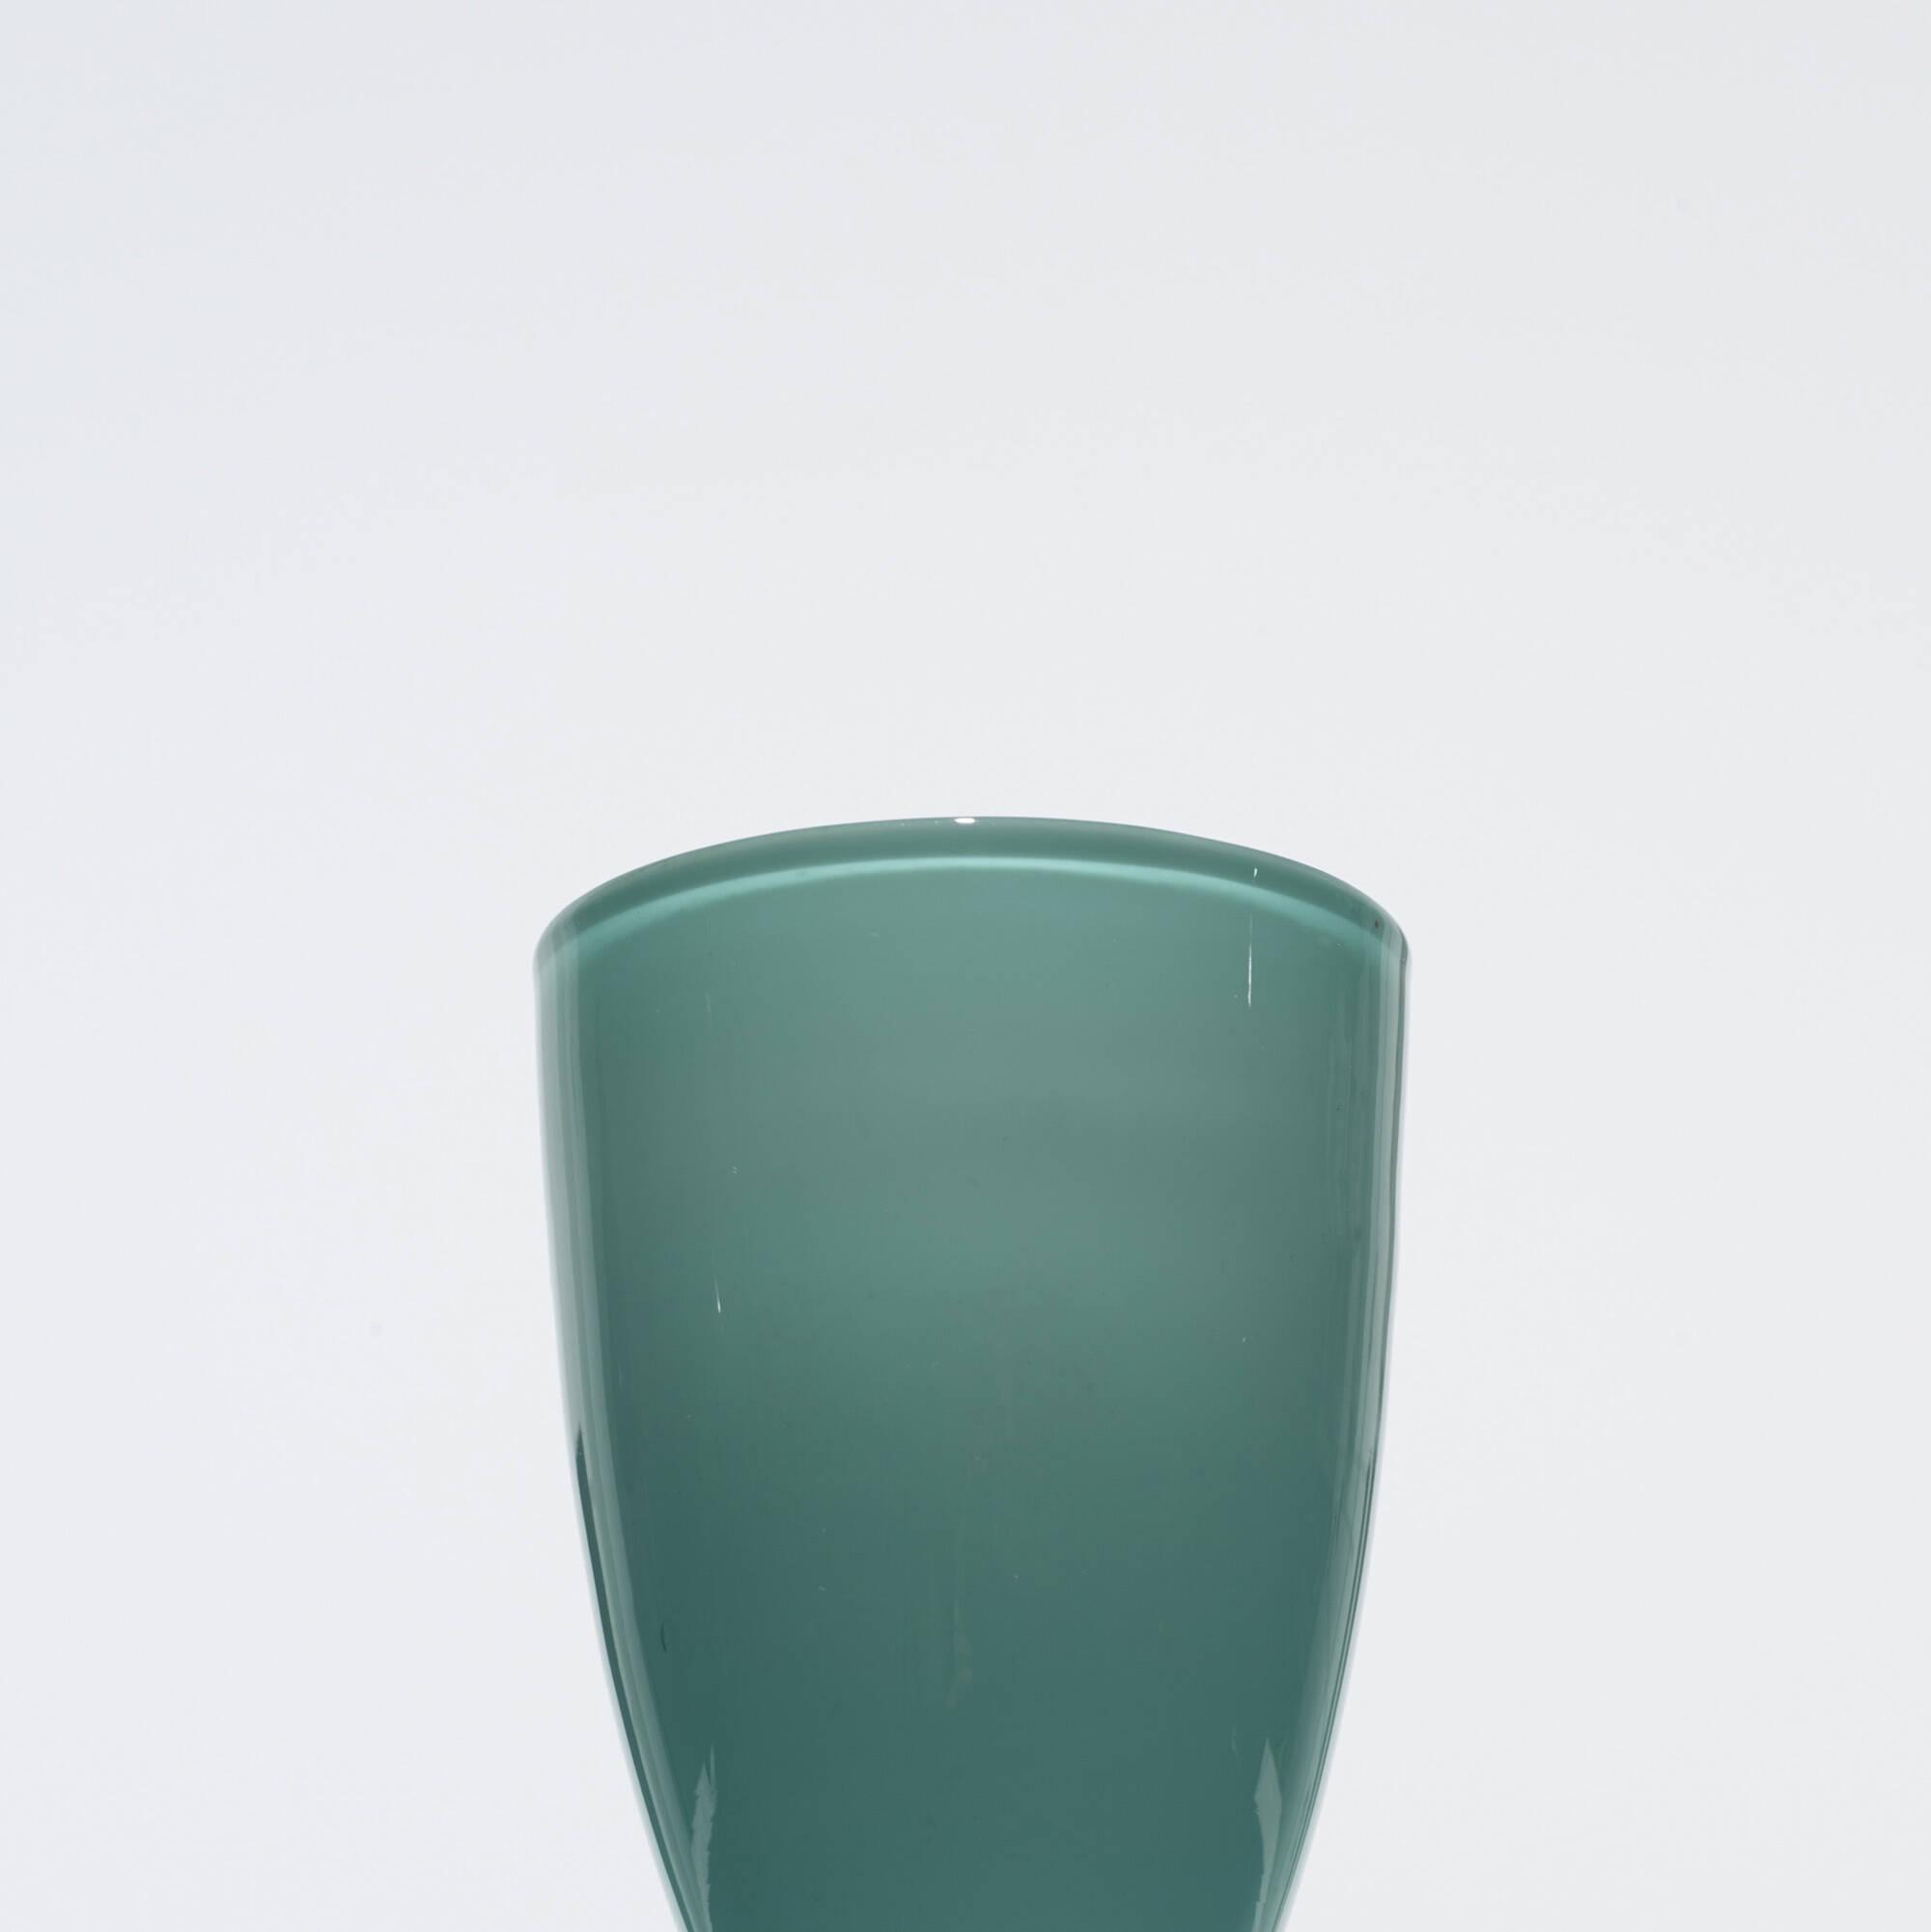 156 carlo scarpa vase model 3910 design 27 march 2014 156 carlo scarpa vase model 3910 3 of 4 floridaeventfo Image collections